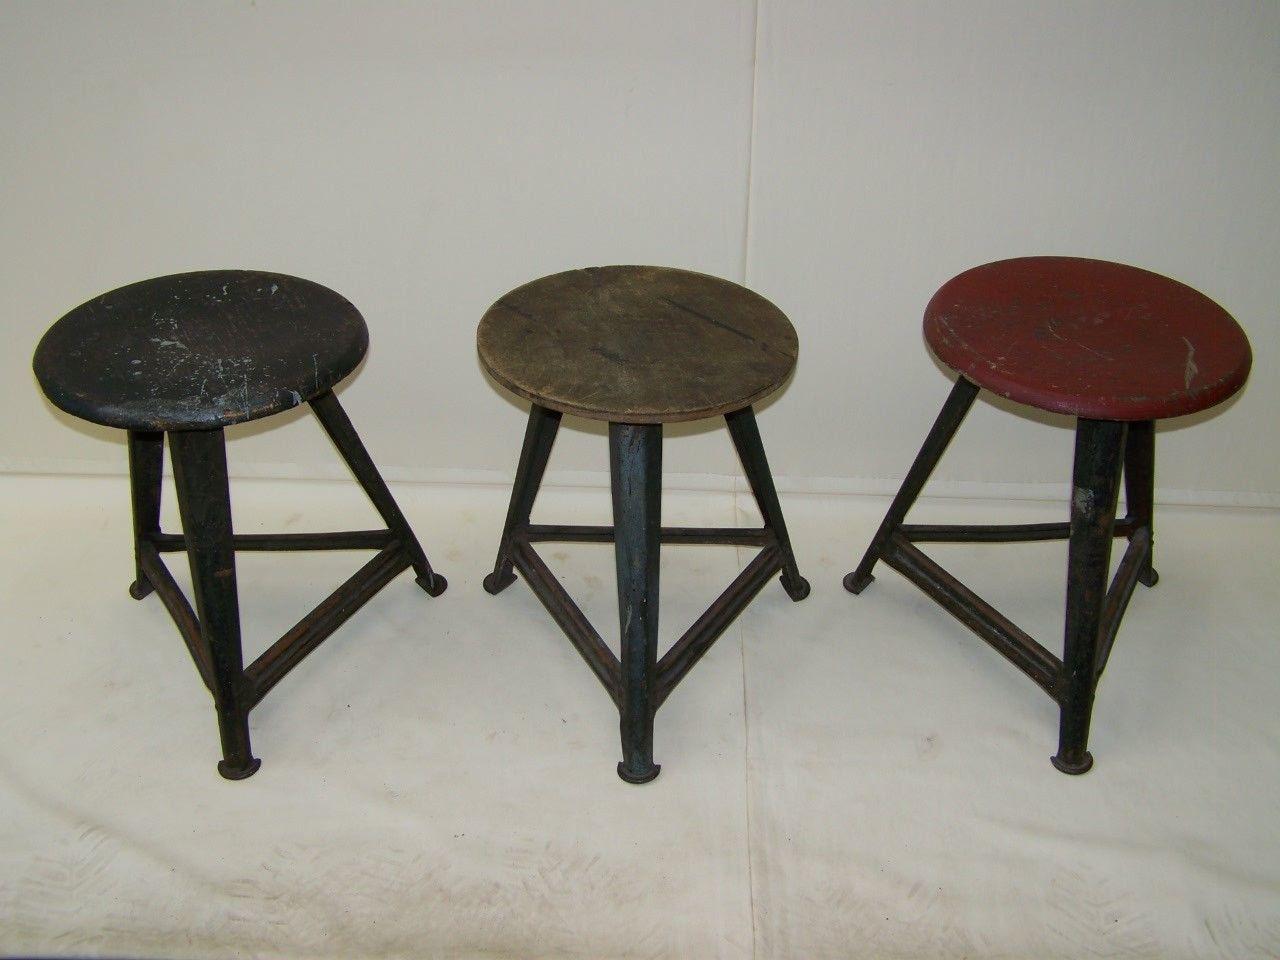 Originale rowac sgabello art deco sgabello da laboratorio vintage